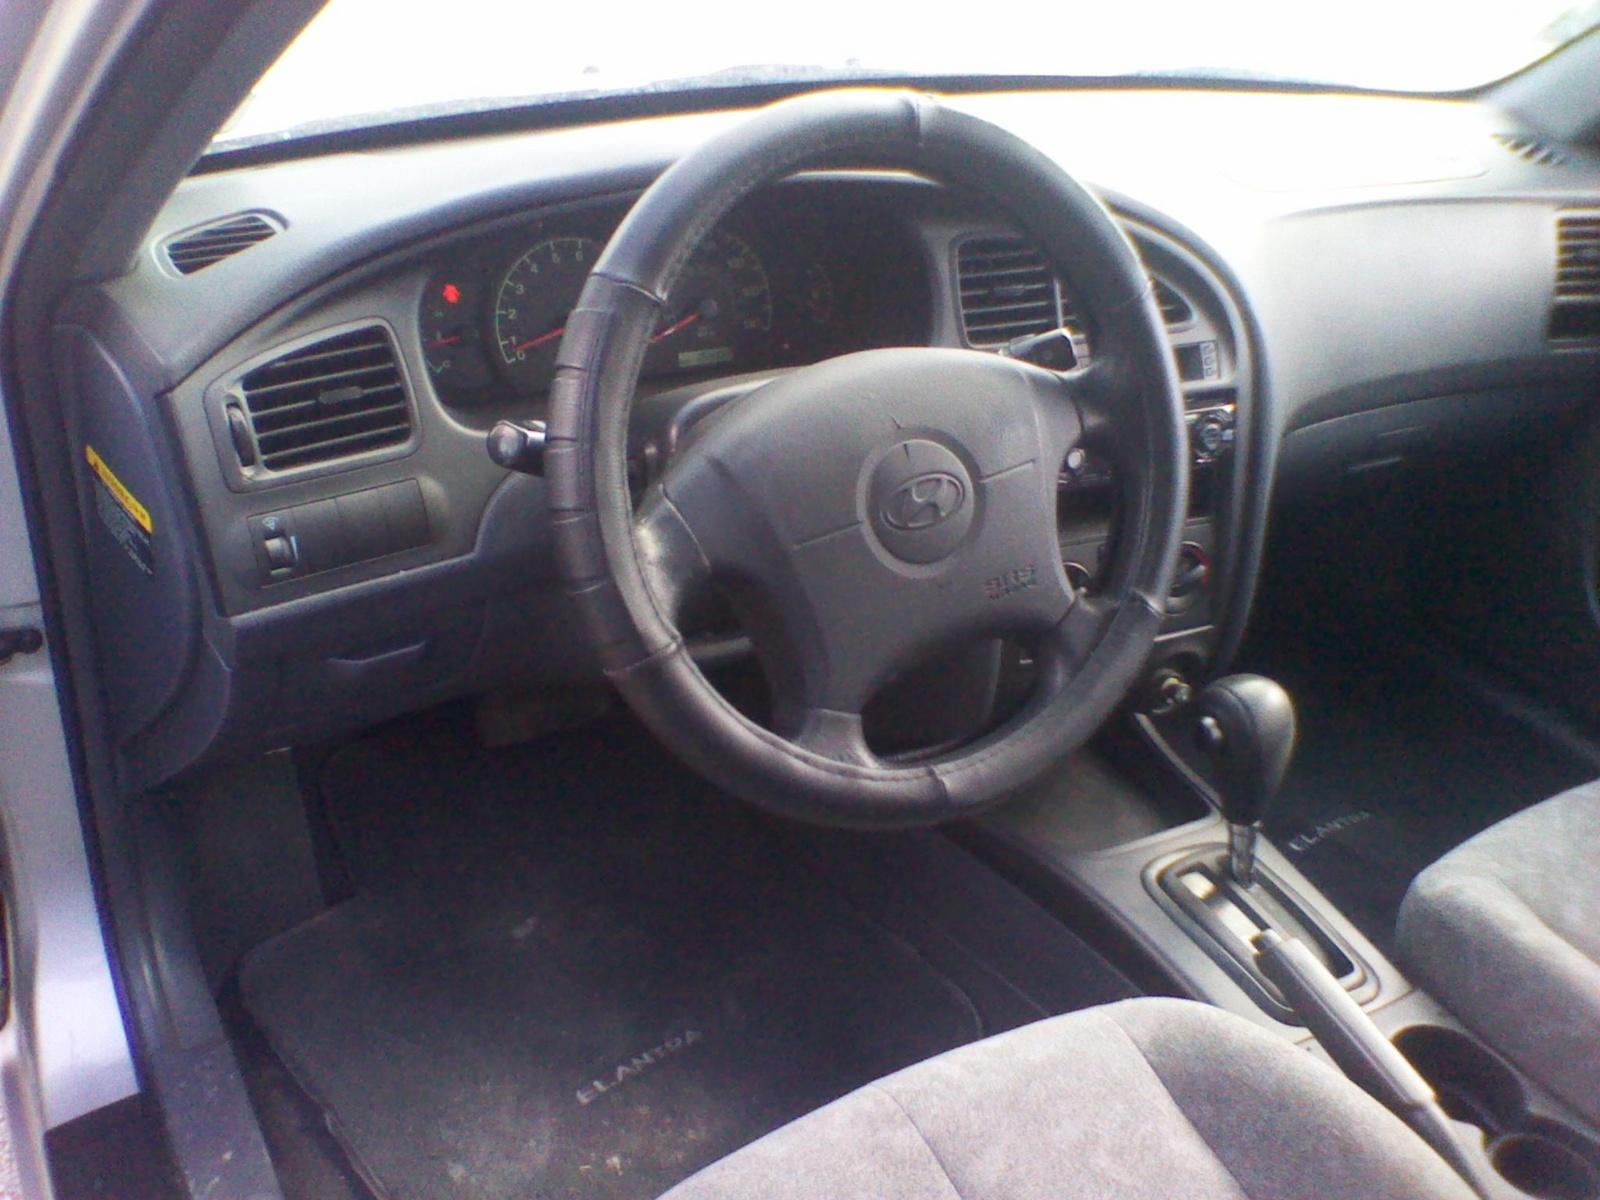 2002 Hyundai Elantra Interior Pictures Cargurus